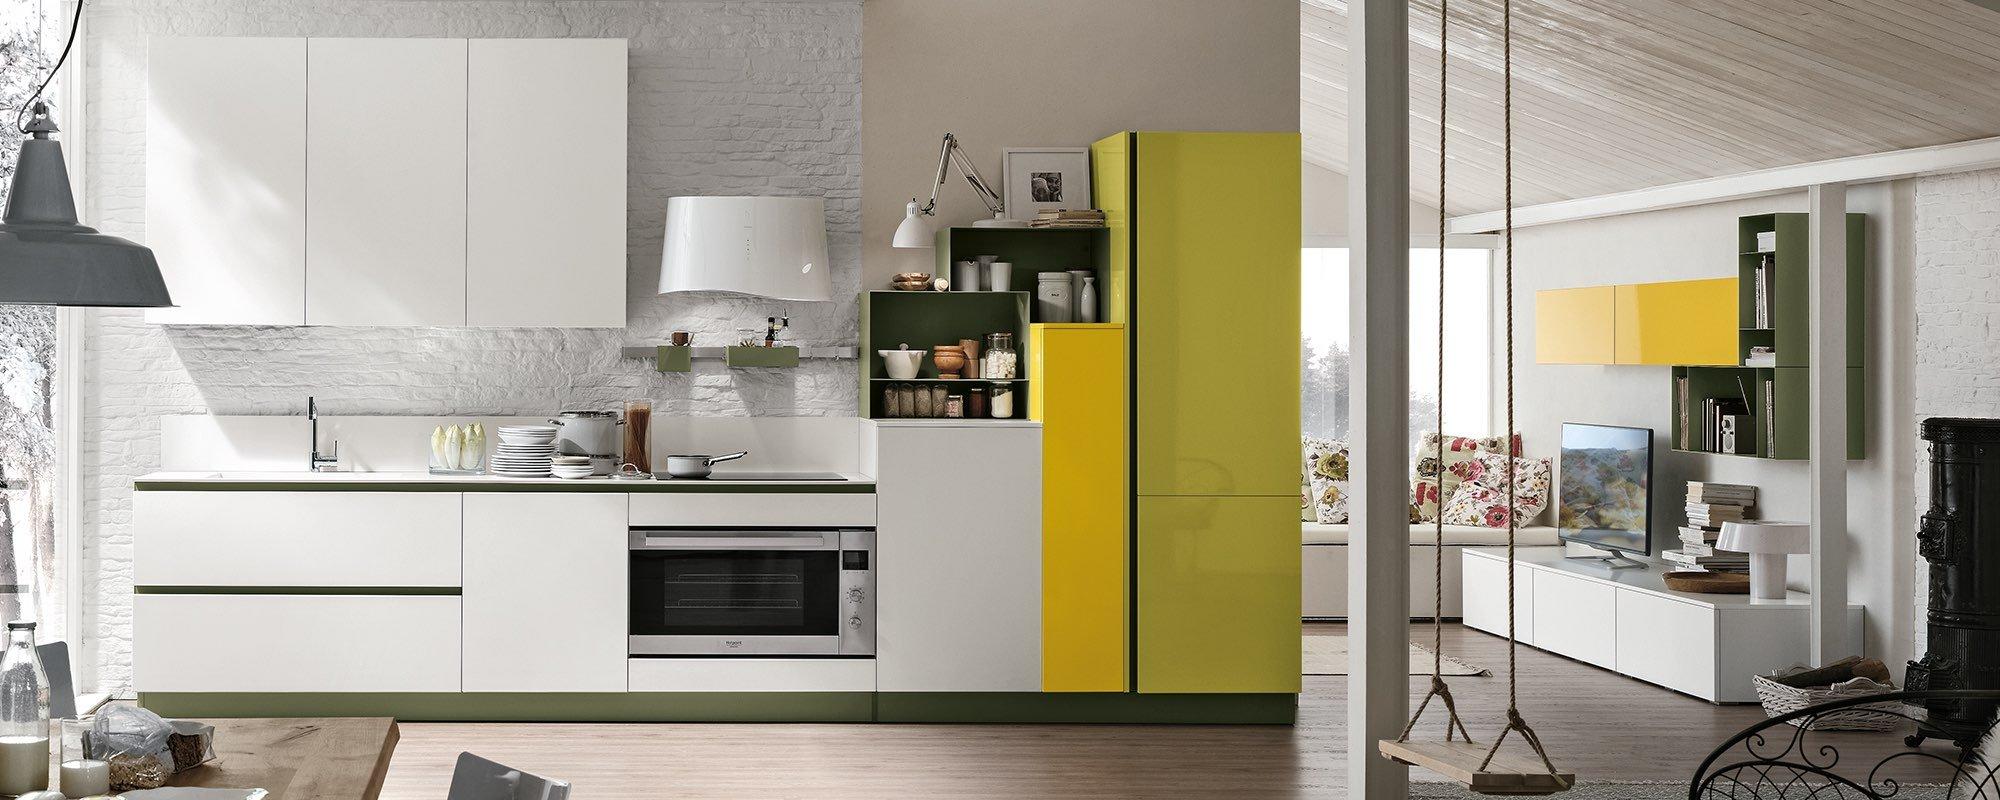 cucina malaga bianca con frigorifero giallo